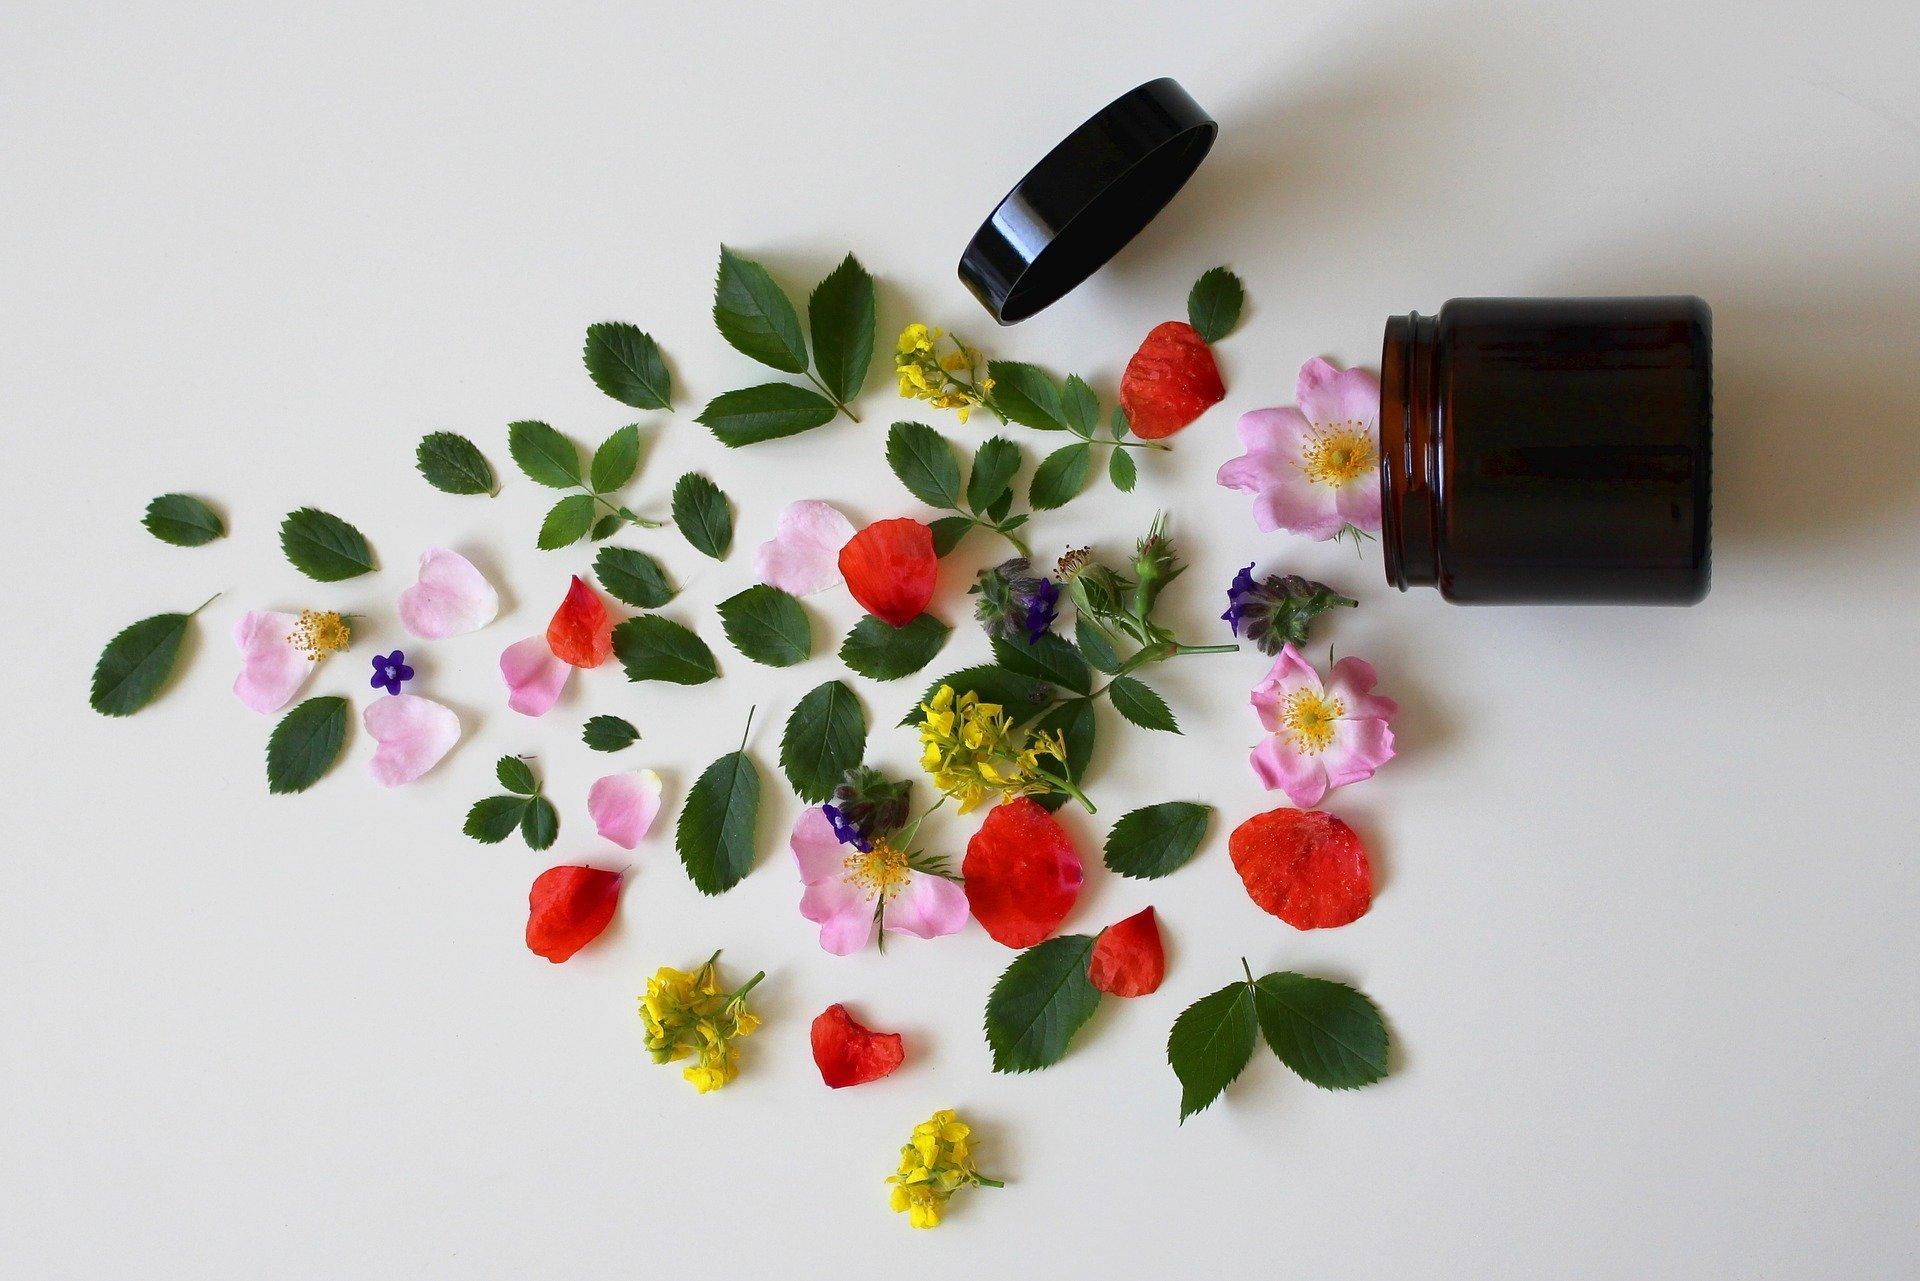 Aktiv in Almoshof: Naturkosmetik aus heimischen Pflanzen - © pixabay